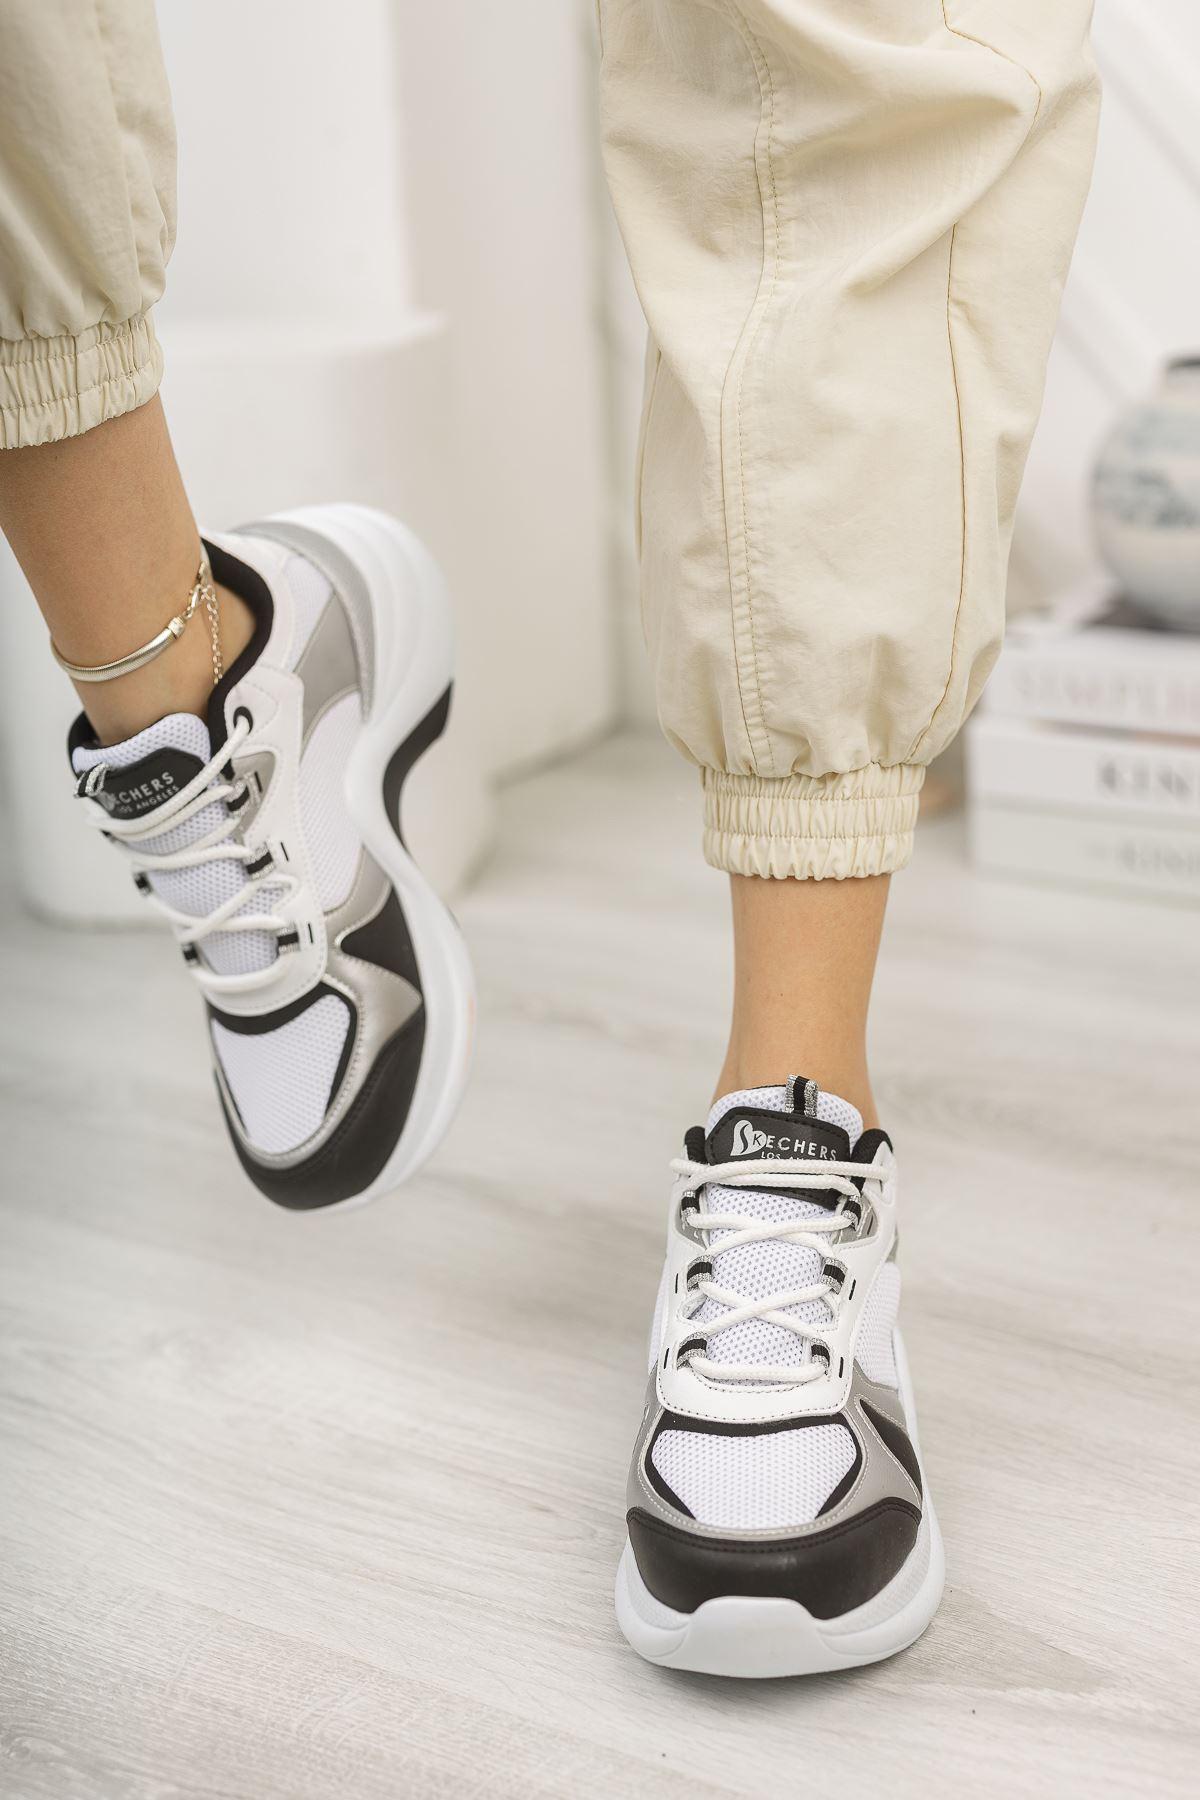 Kadın Sesa Kalın Taban Beyaz Siyah Spor Ayakkabı